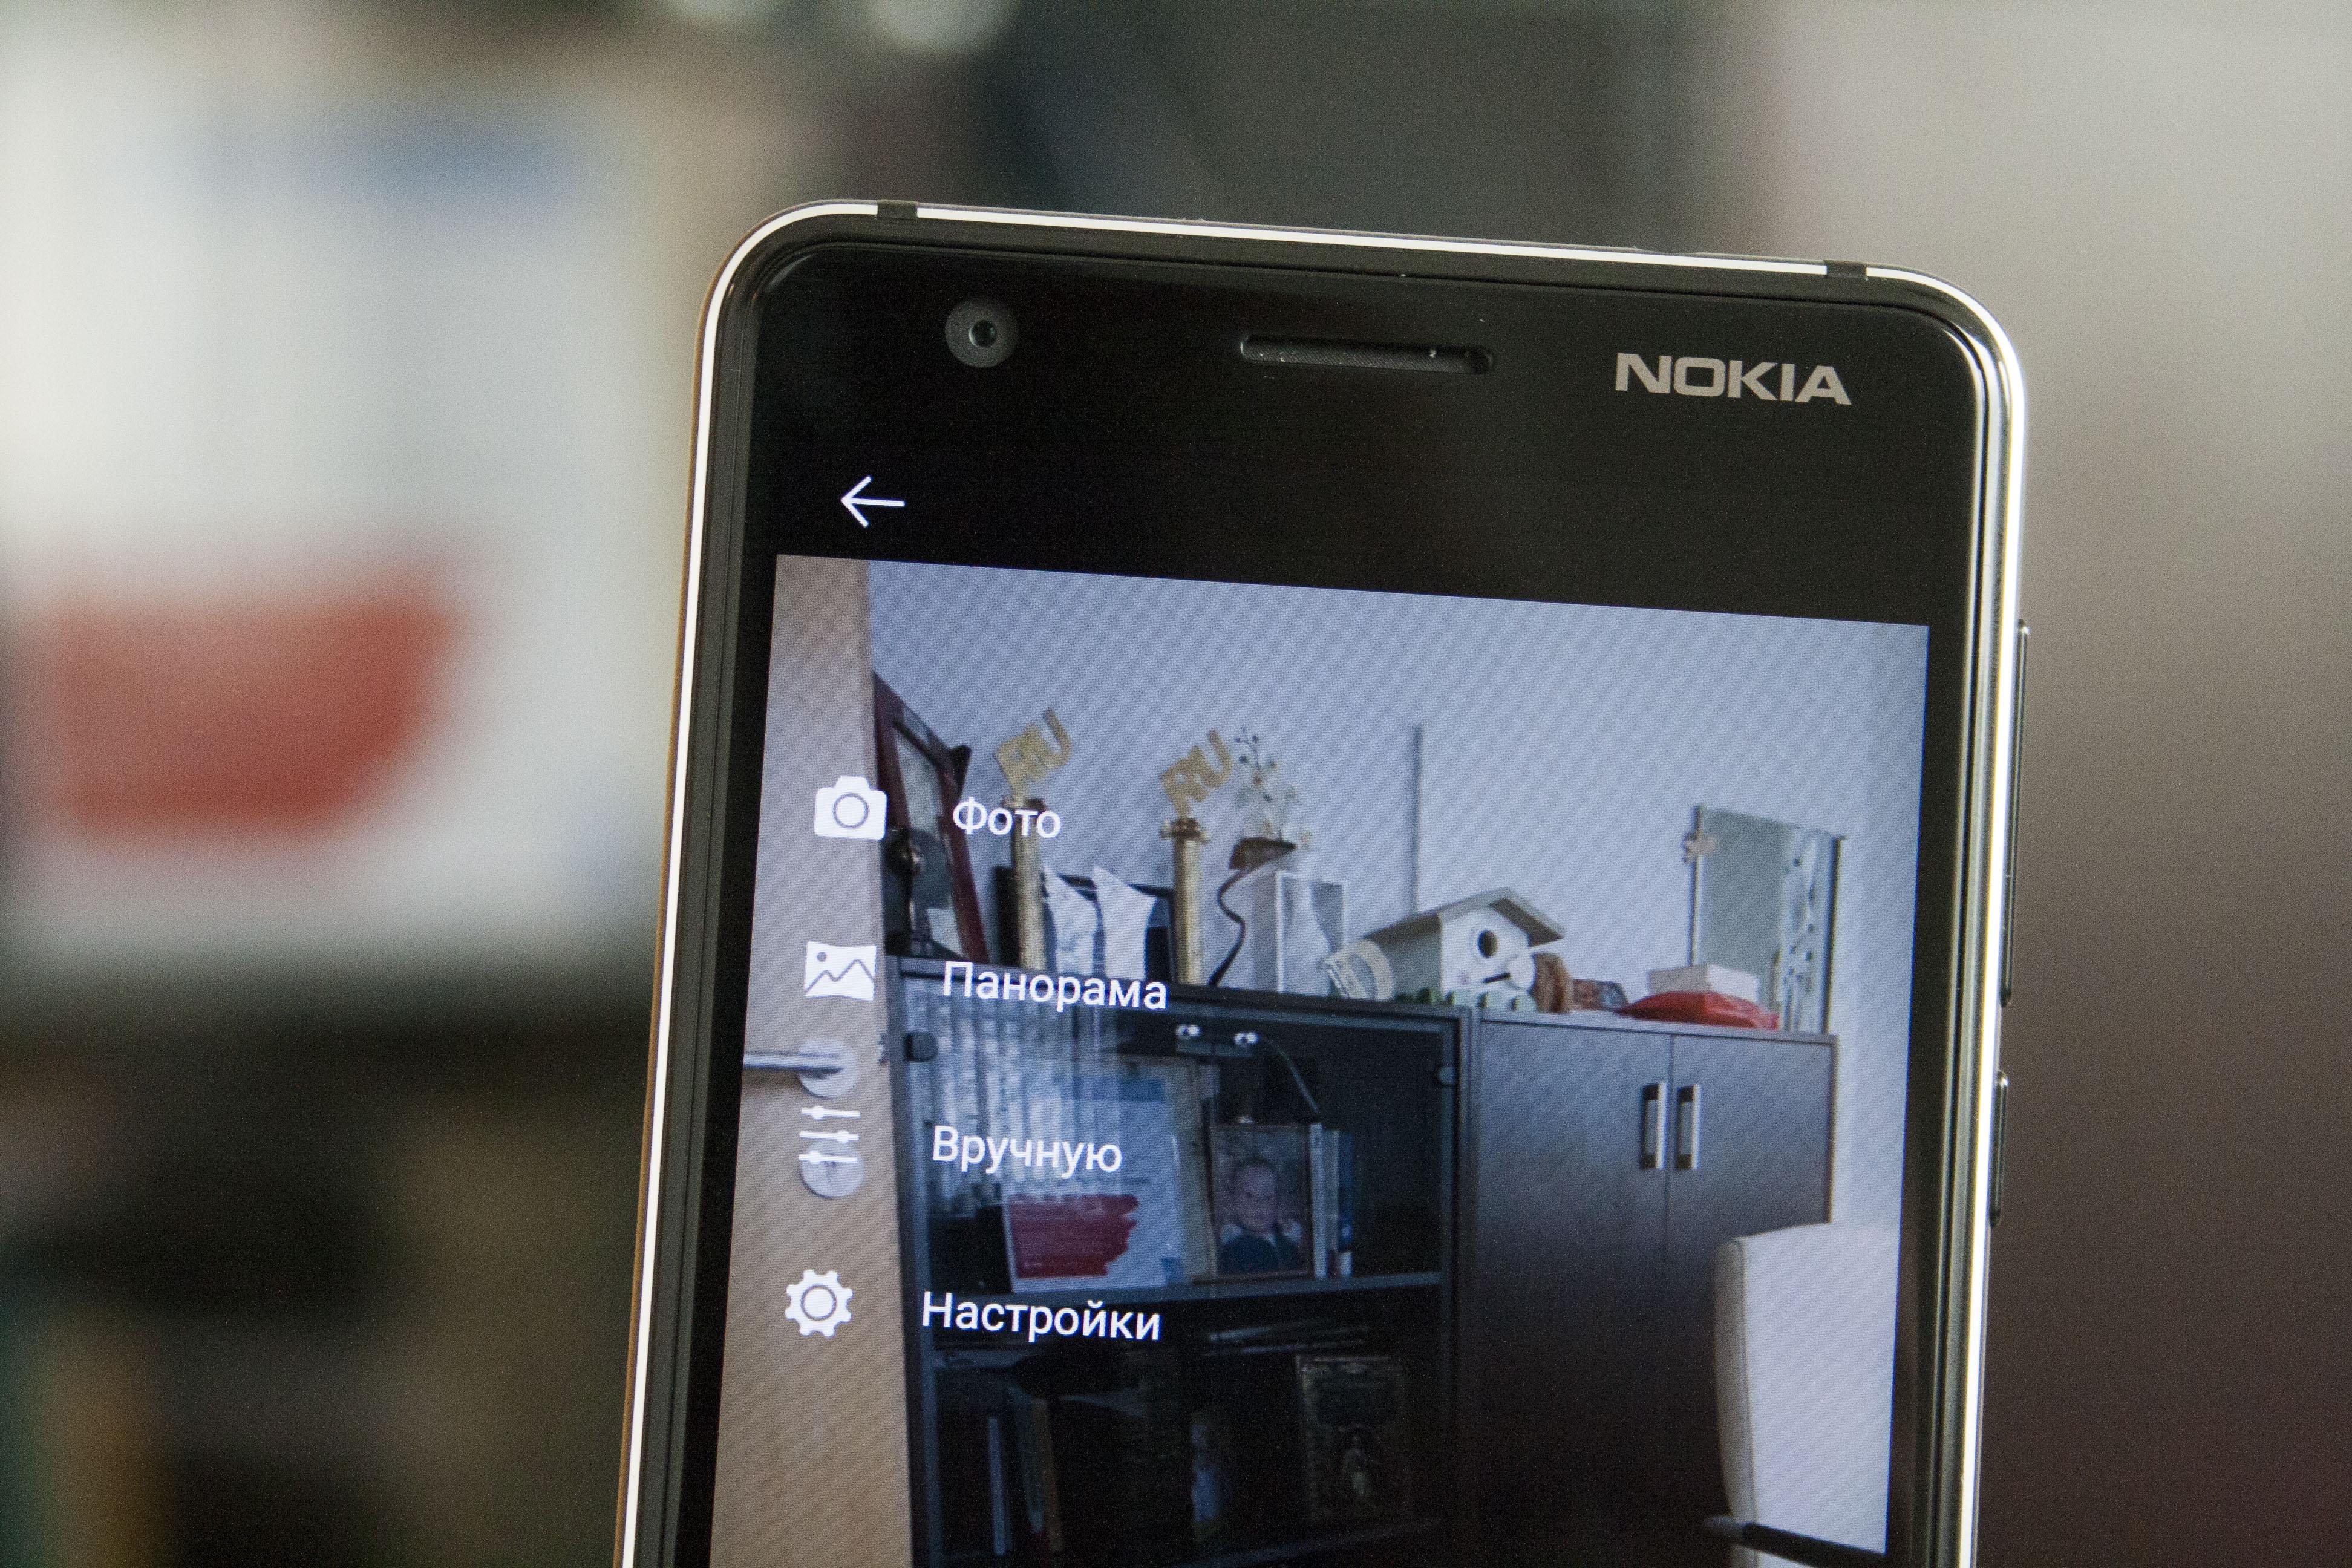 или поздно рейтинг бюджетных смартфонов с хорошей фотокамерой другие